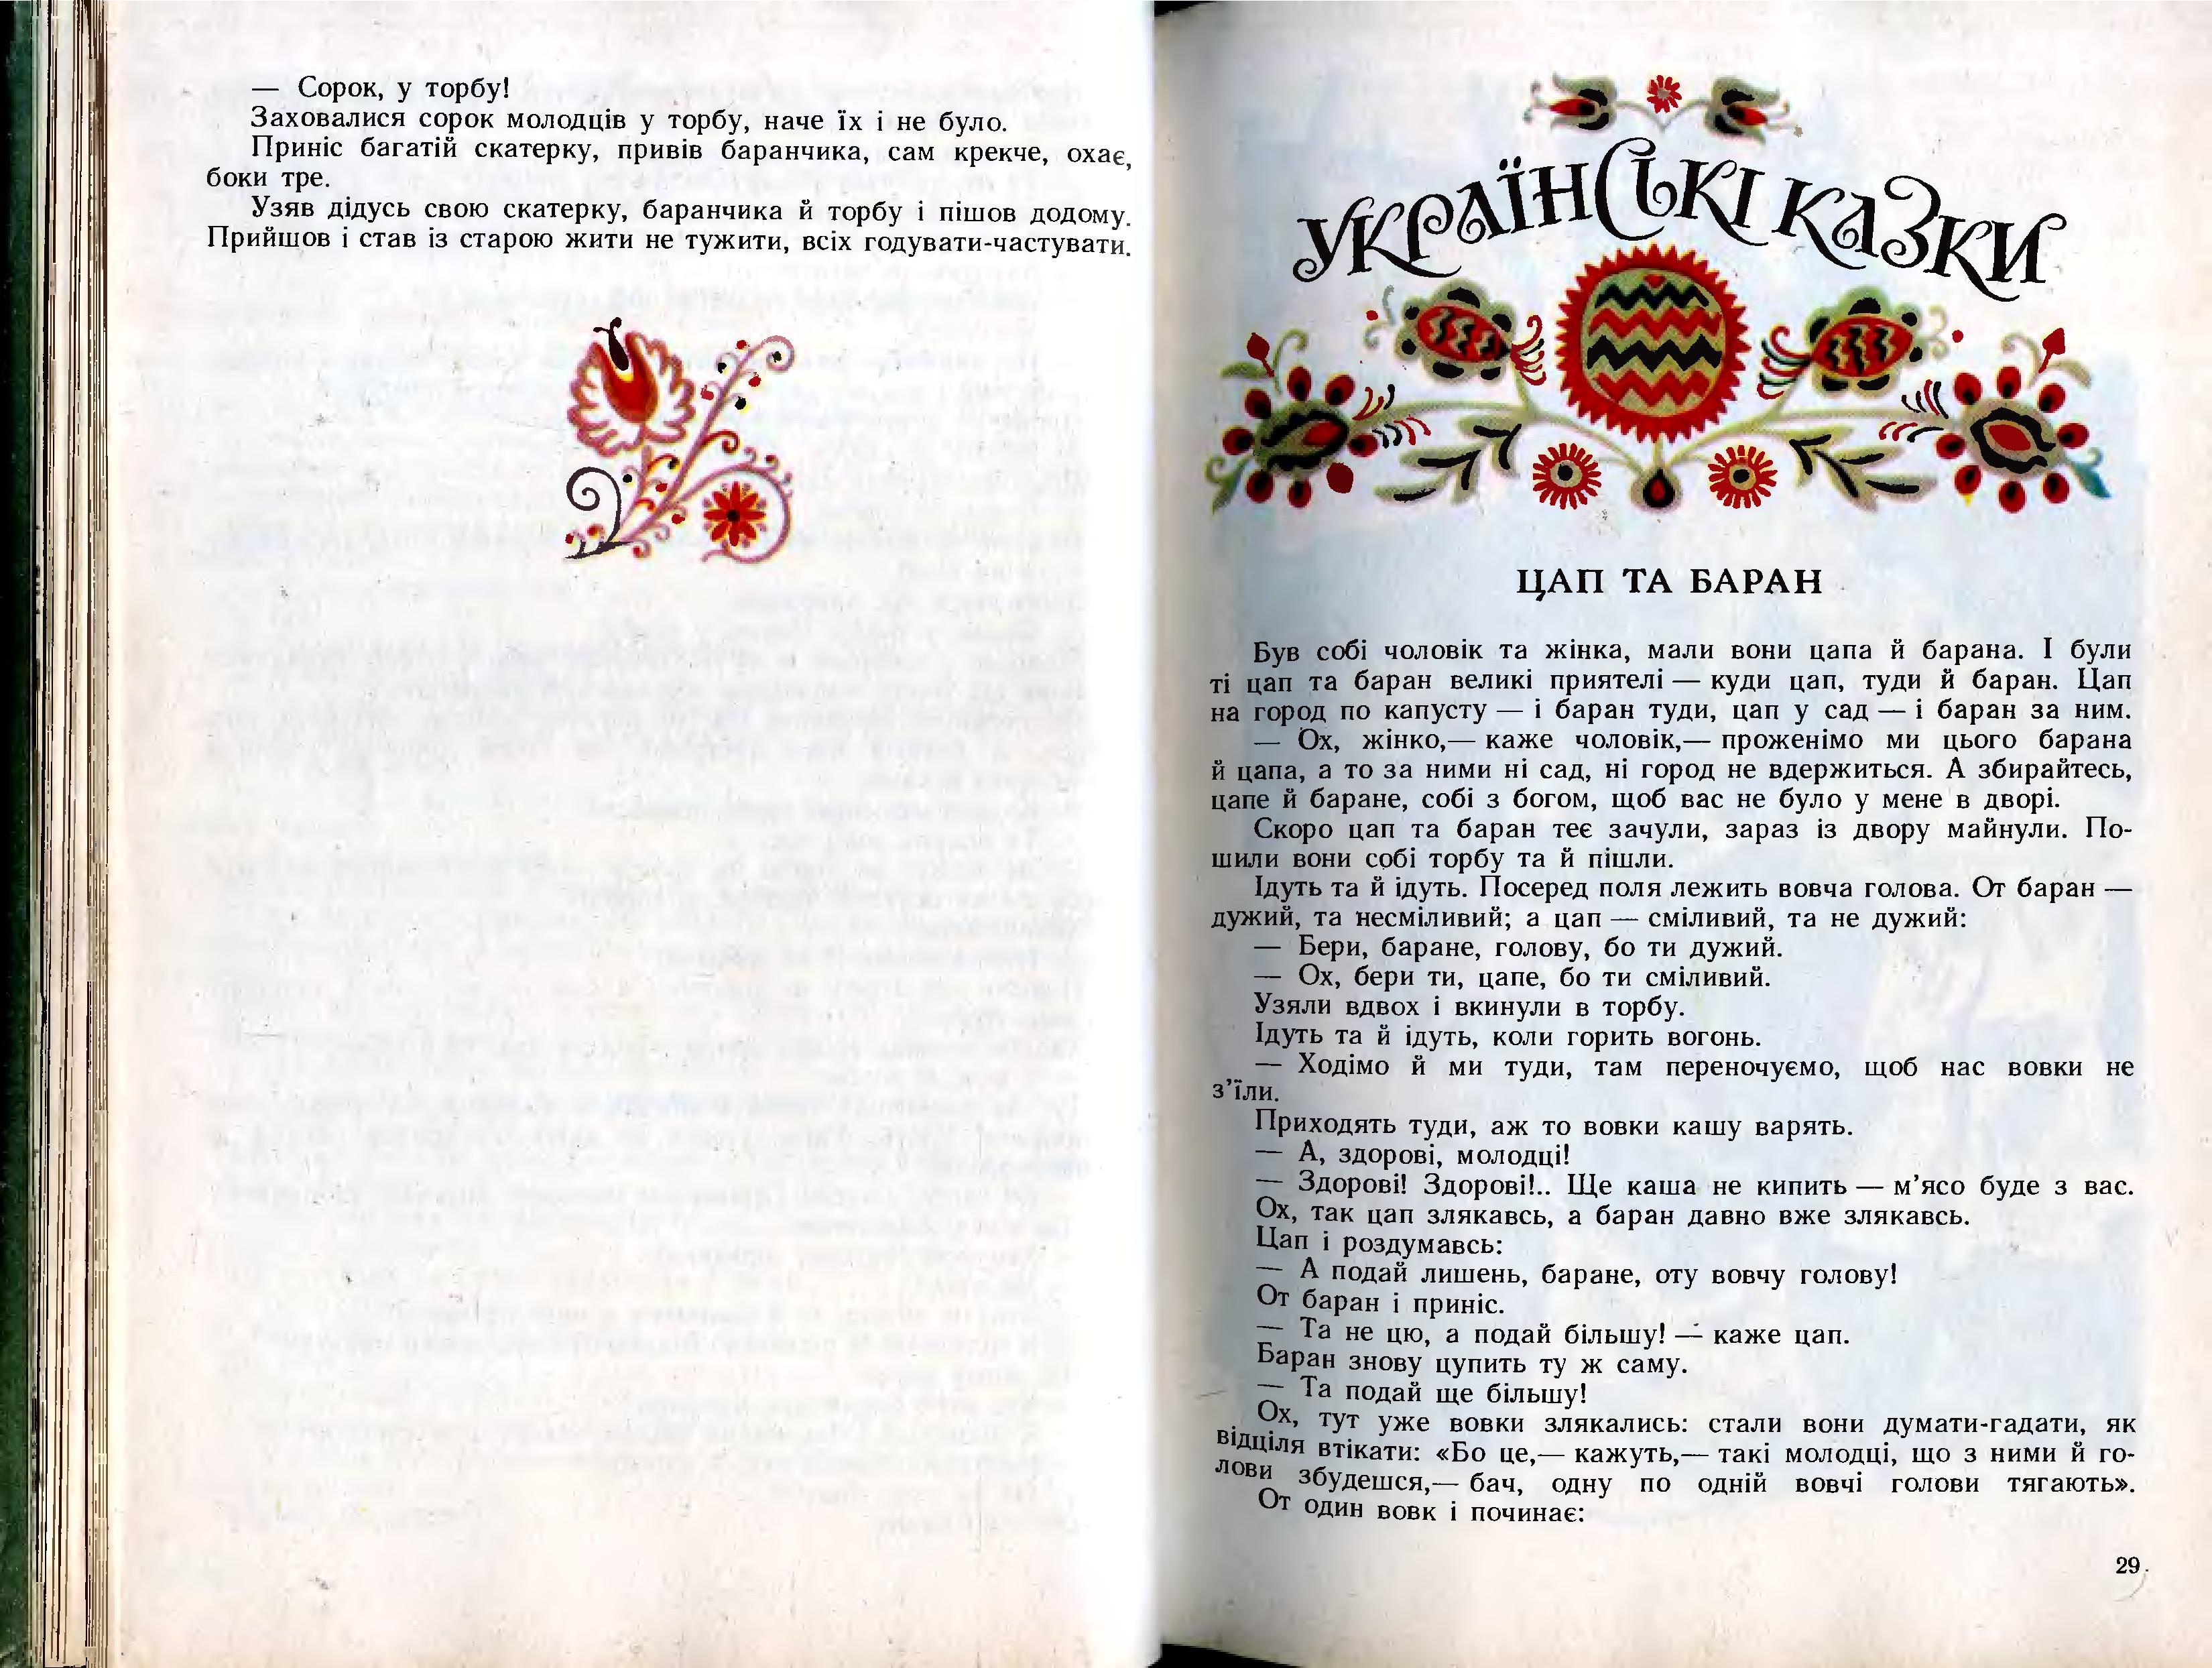 Казки народів СРСР (1987) 4.jpg